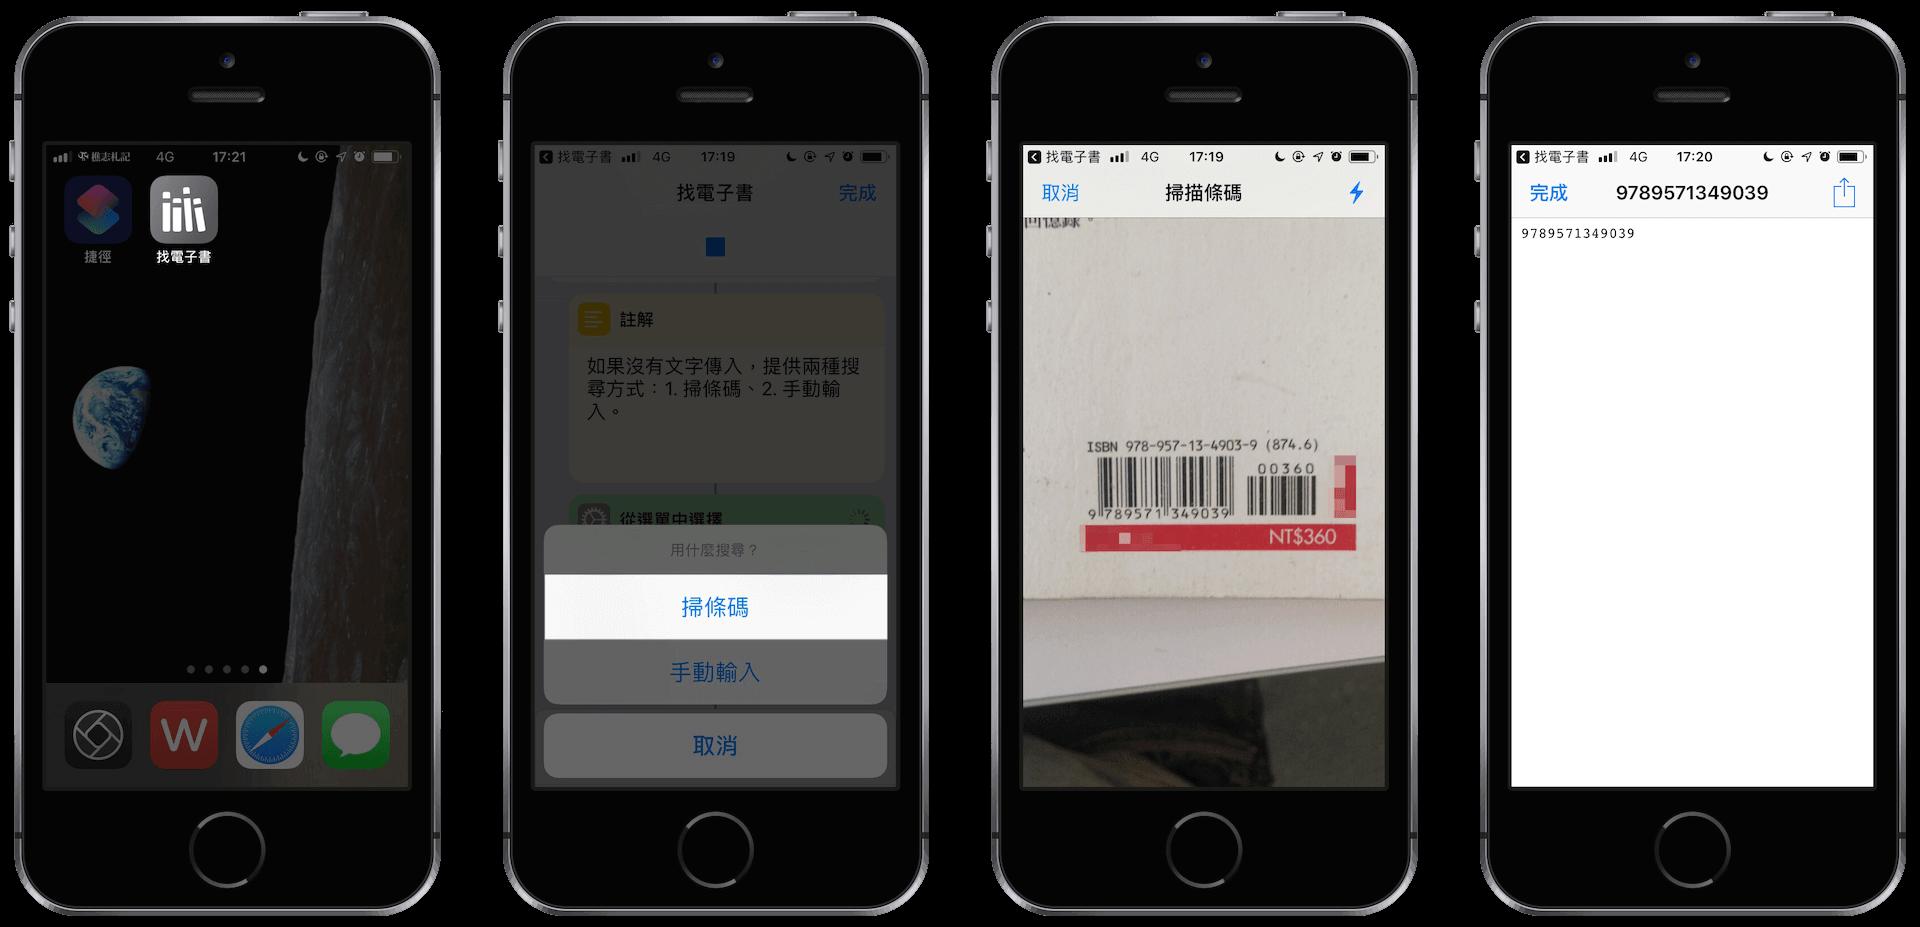 圖說:利用Siri捷徑內建的掃描條碼器,便能取得ISBN。